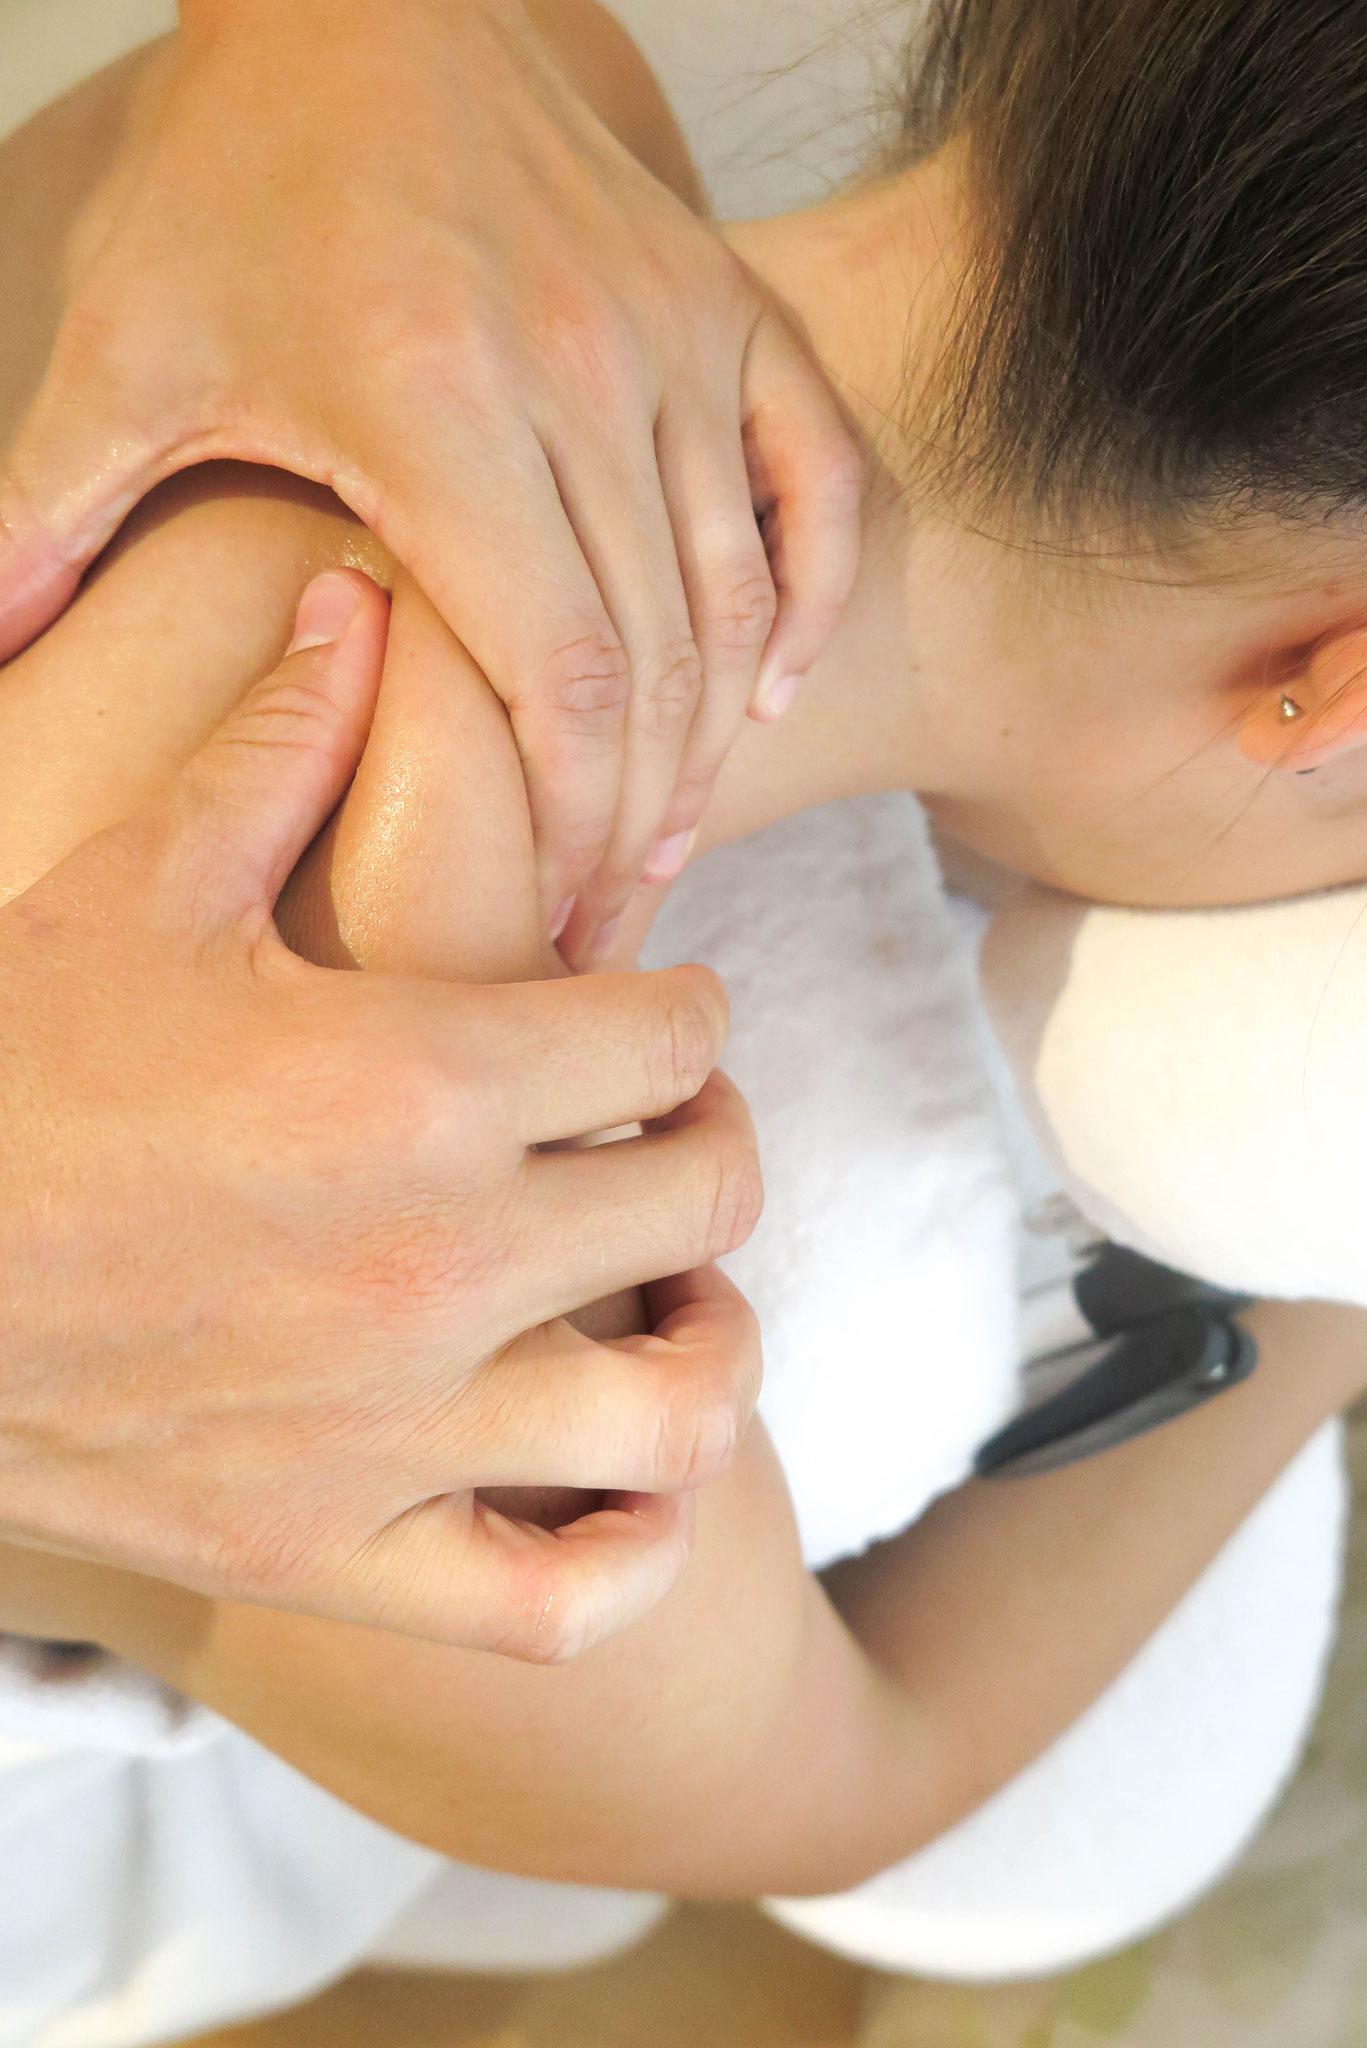 Nackenmassage, August 2019